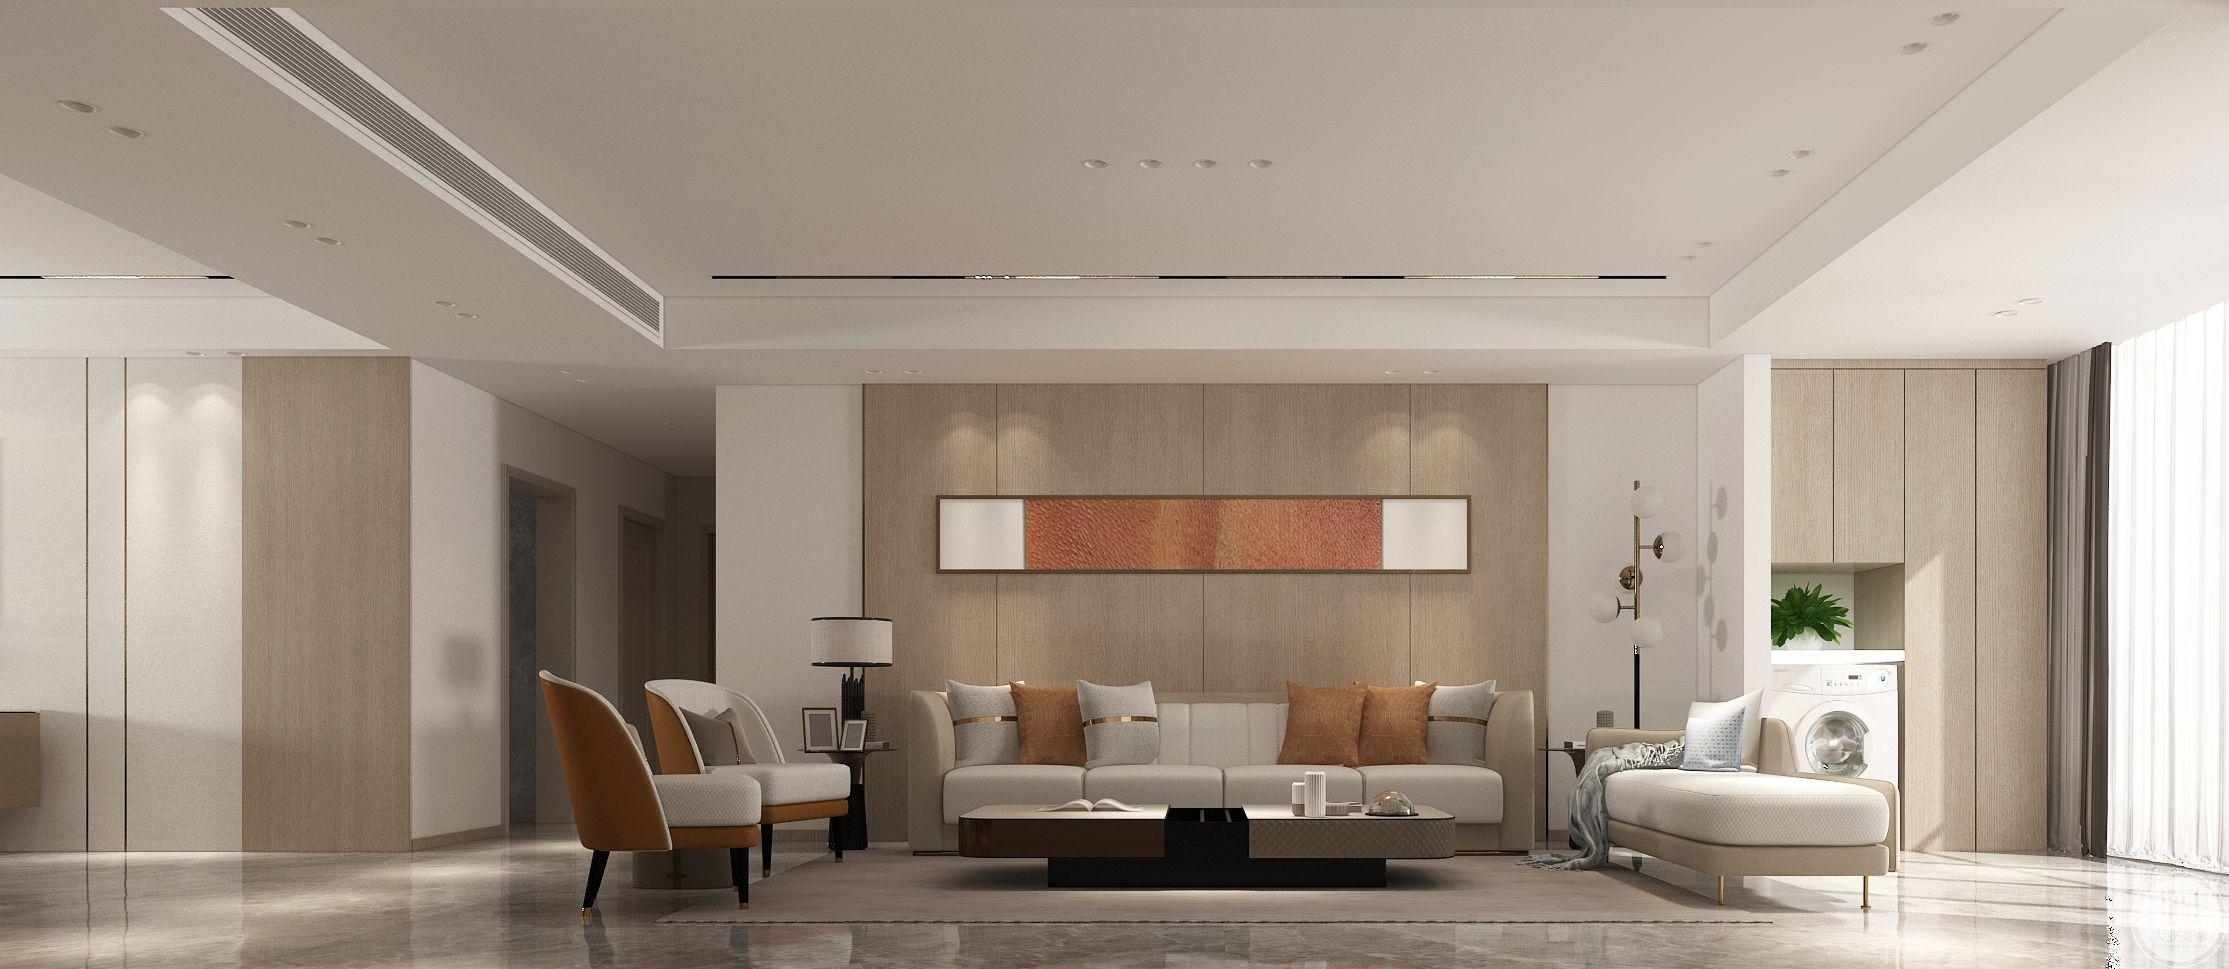 瀚玉城144平现代风格装修设计案例